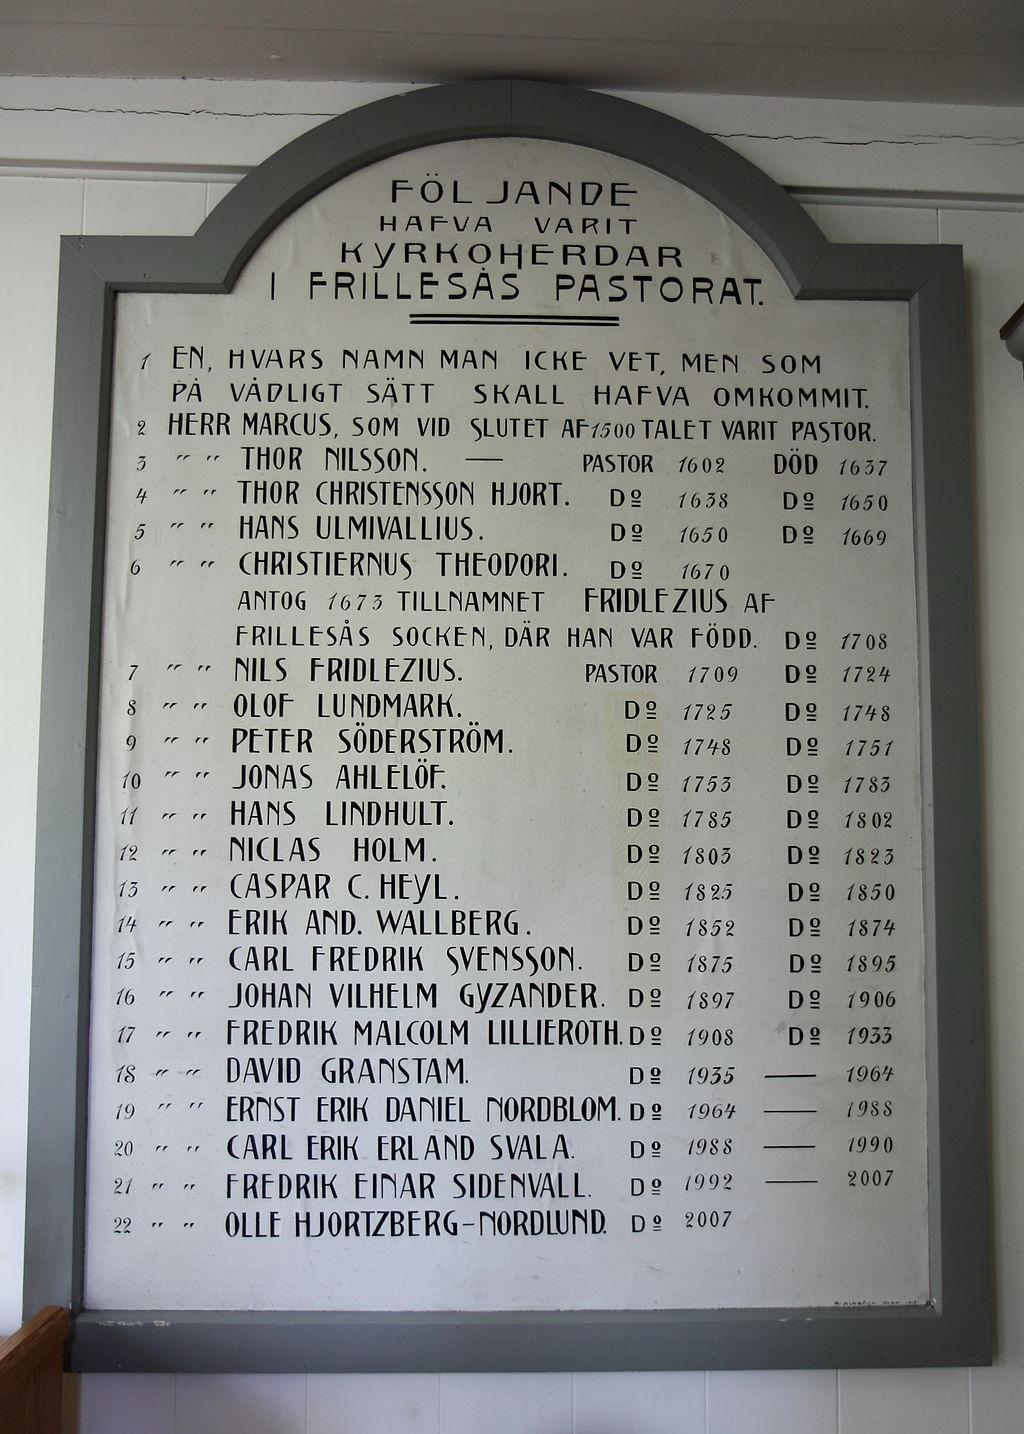 Följande hafva varit kyrkoherdar i Frillesås pastorat. 1 En hvars namn man icke , men, som på vådligt sätt skall hafva omkommit. 2 Herr Marcus, som i slutet av 1500-talet varit pastor. etc